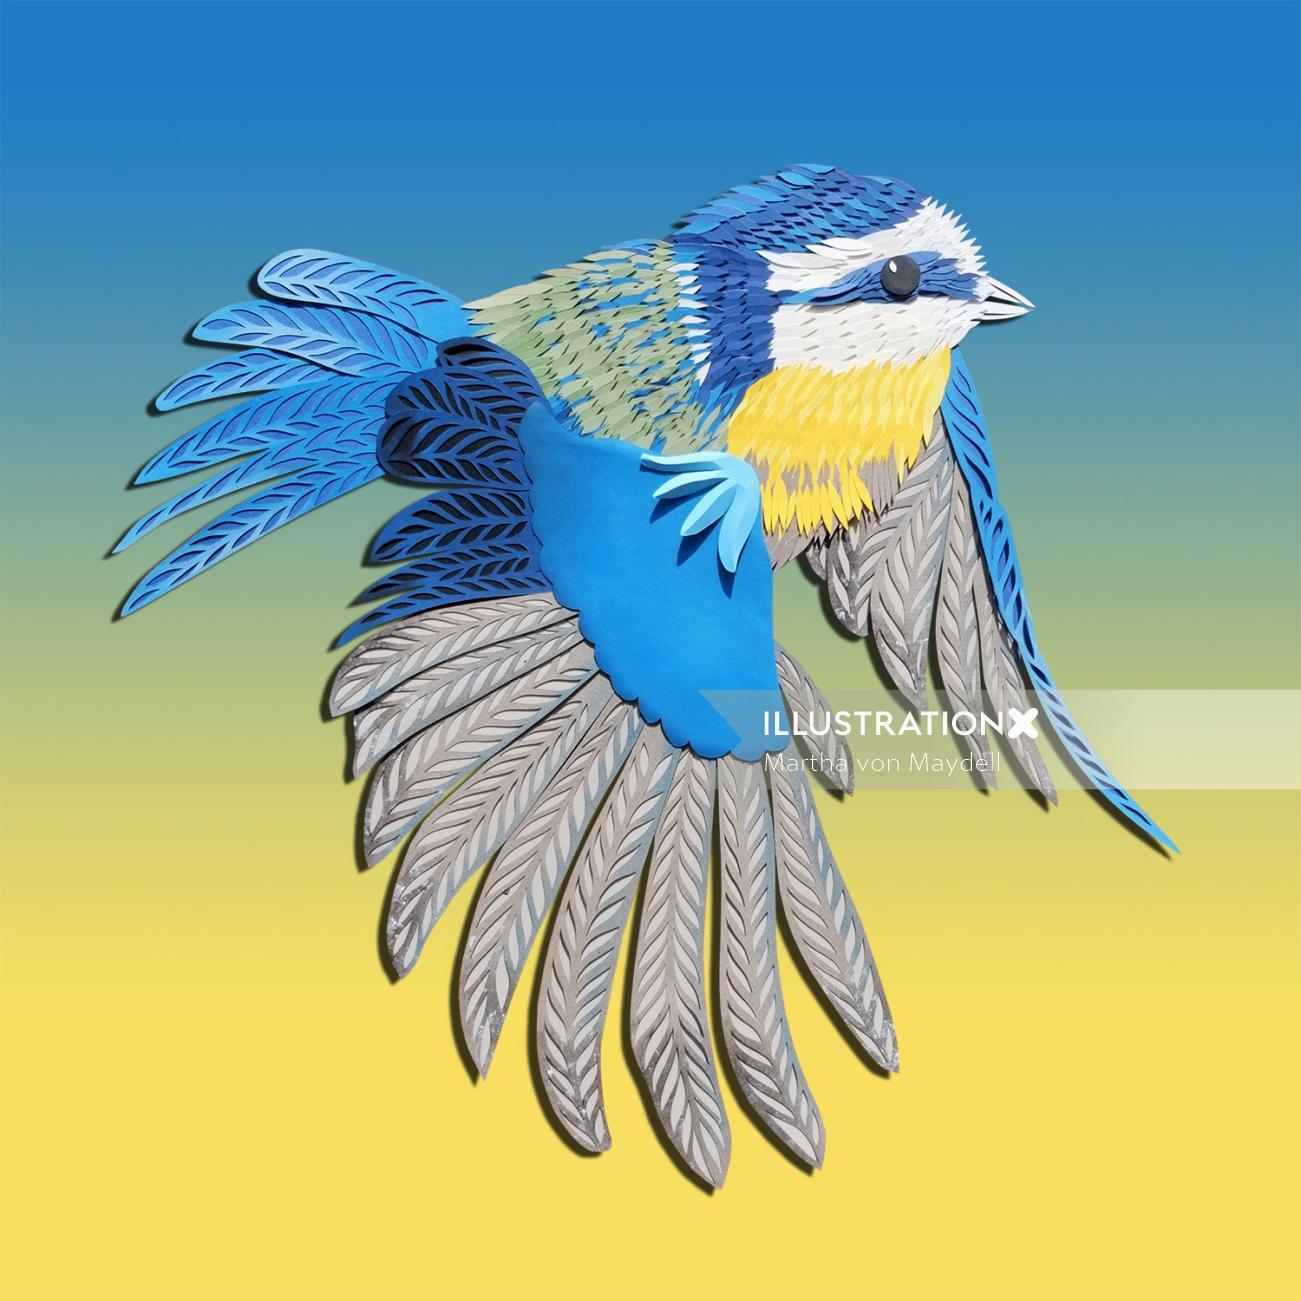 Paper art of bird